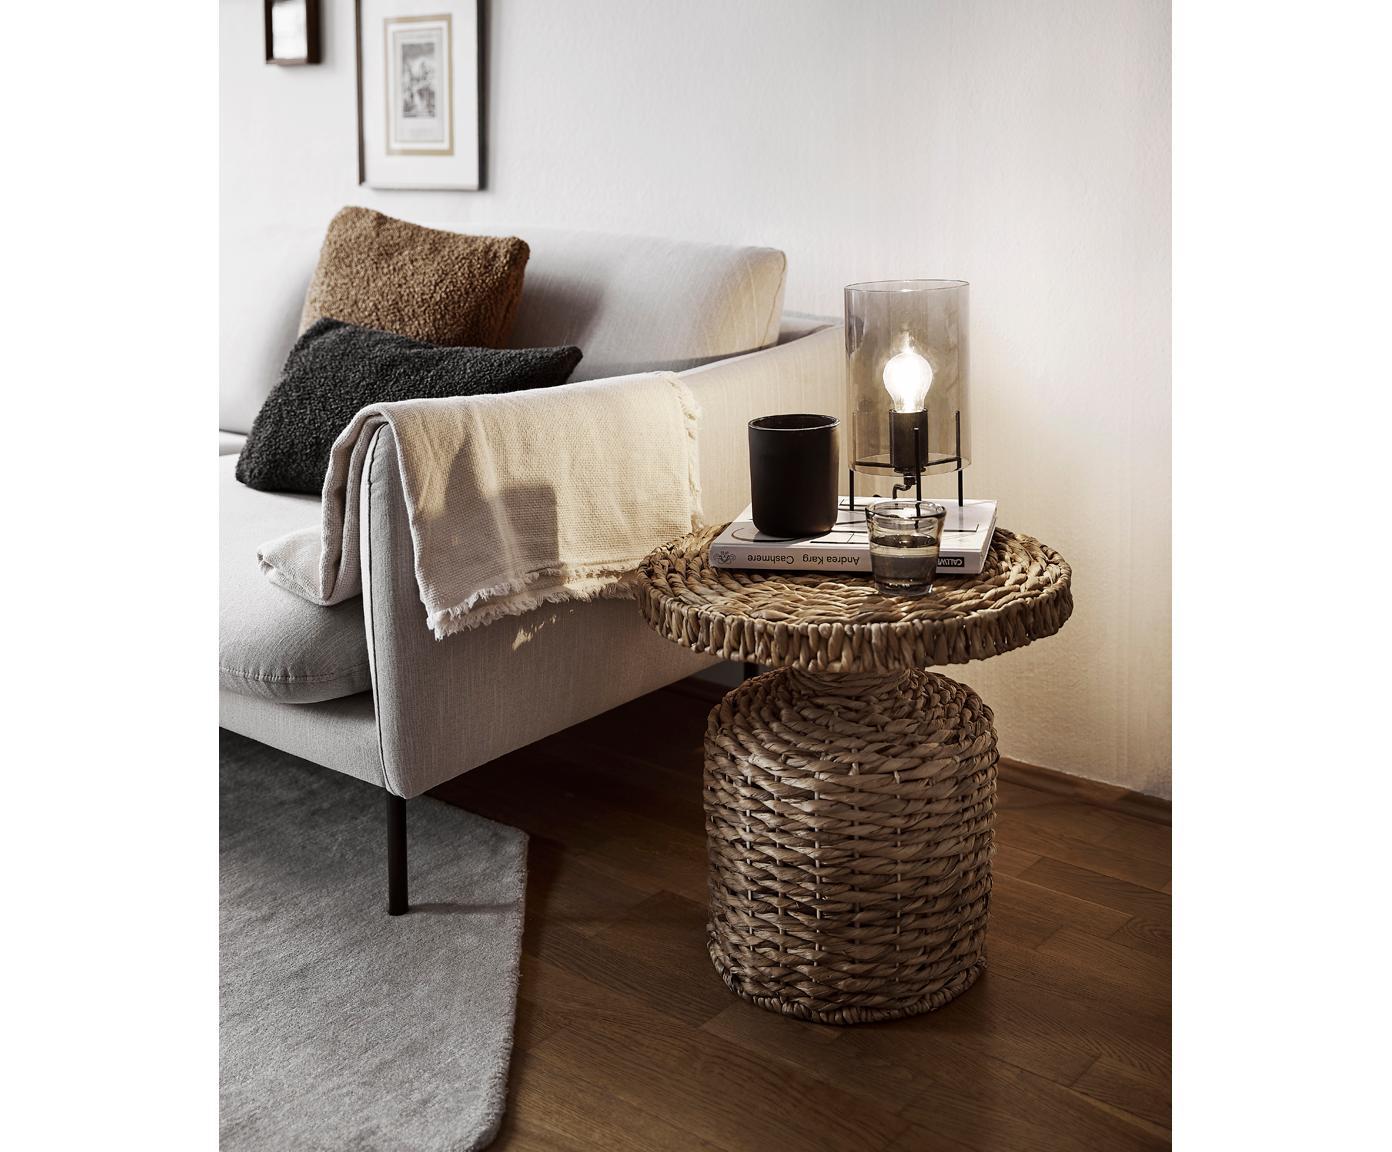 Lampa stołowa Laurel, Klosz: szary, transparentny Podstawa lampy: czarny, matowy Kabel: transparentny, Ø 14 x W 28 cm